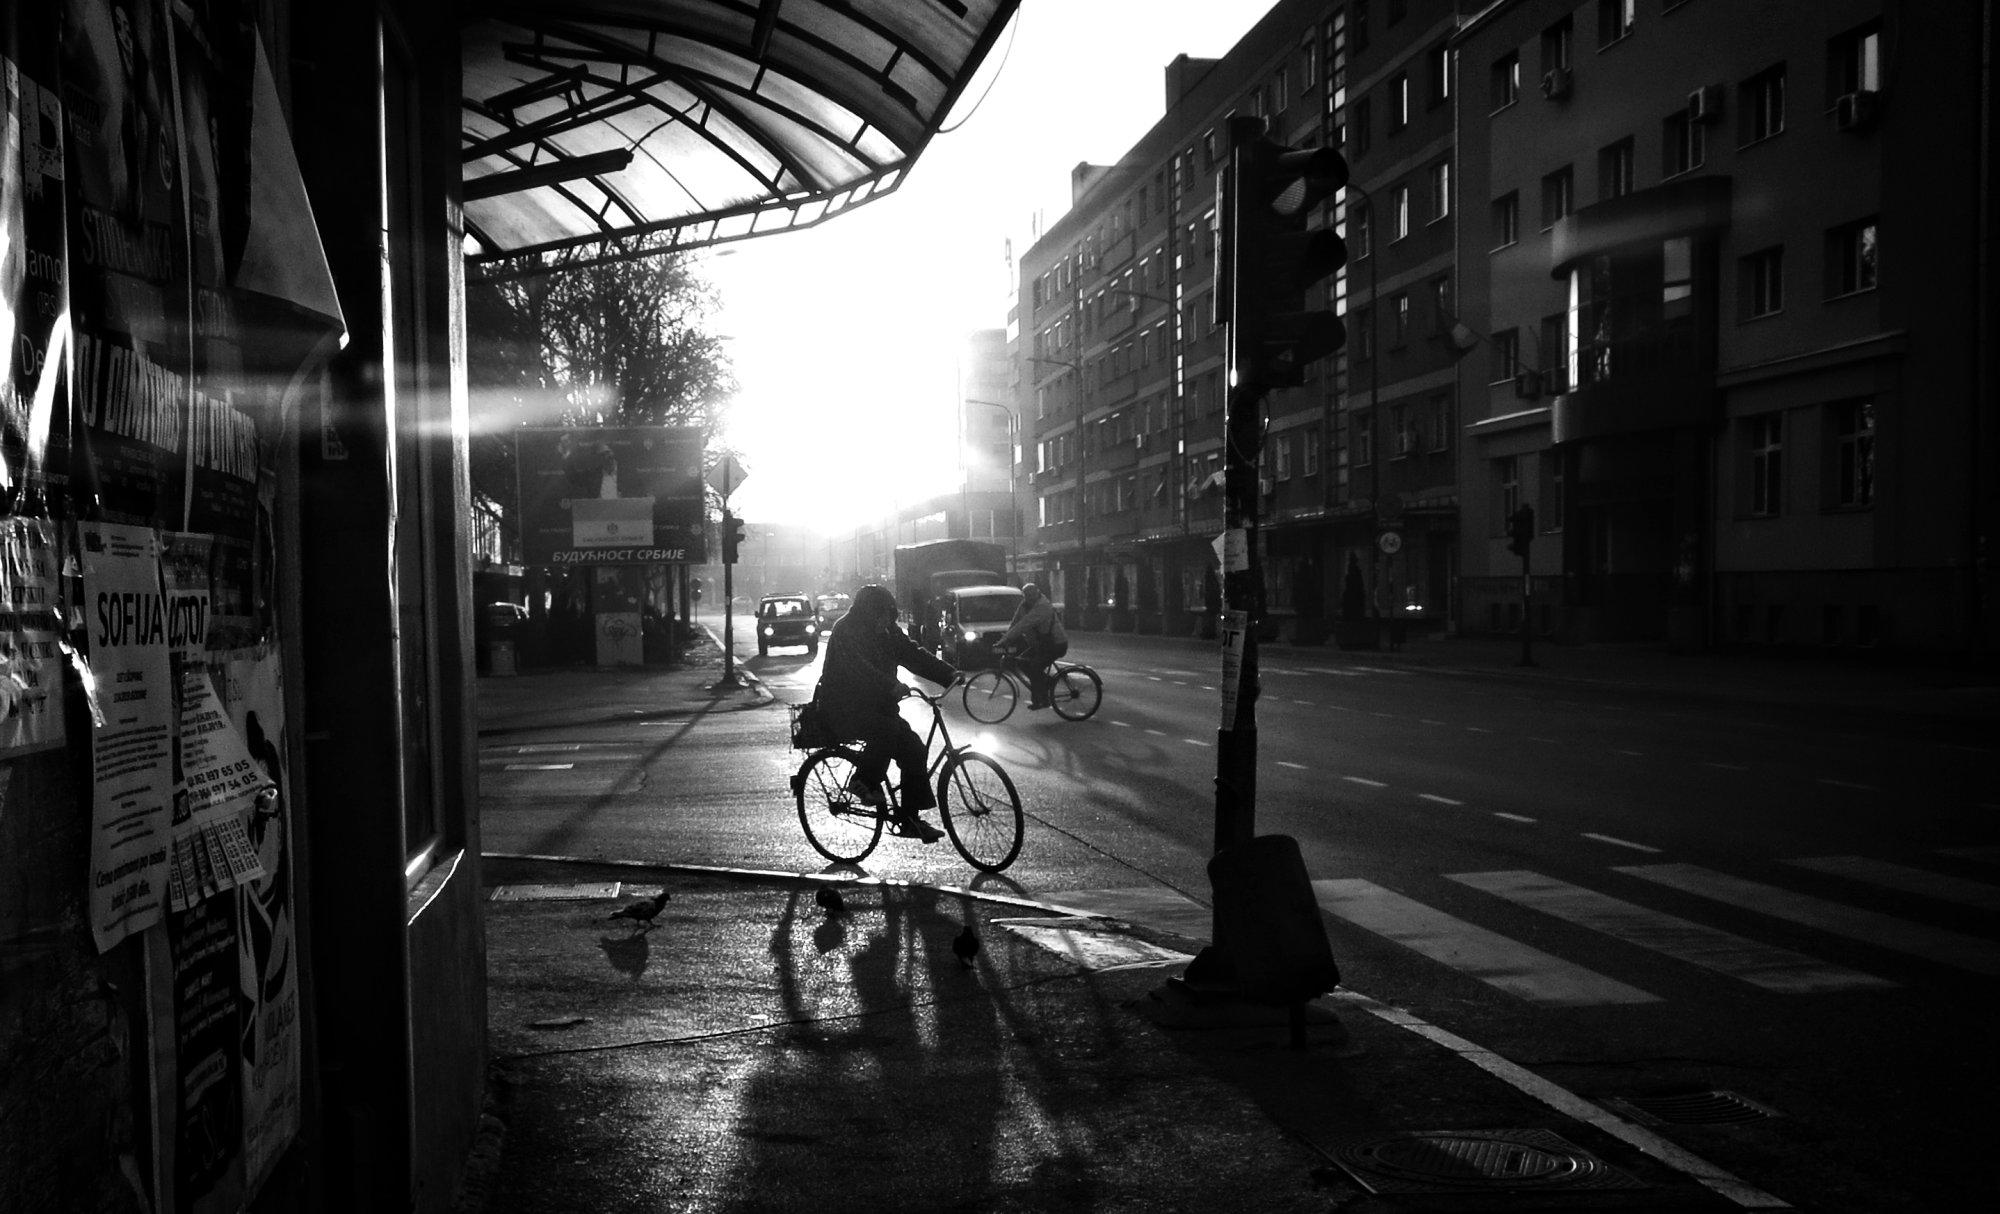 Shadows of Morning XLIII